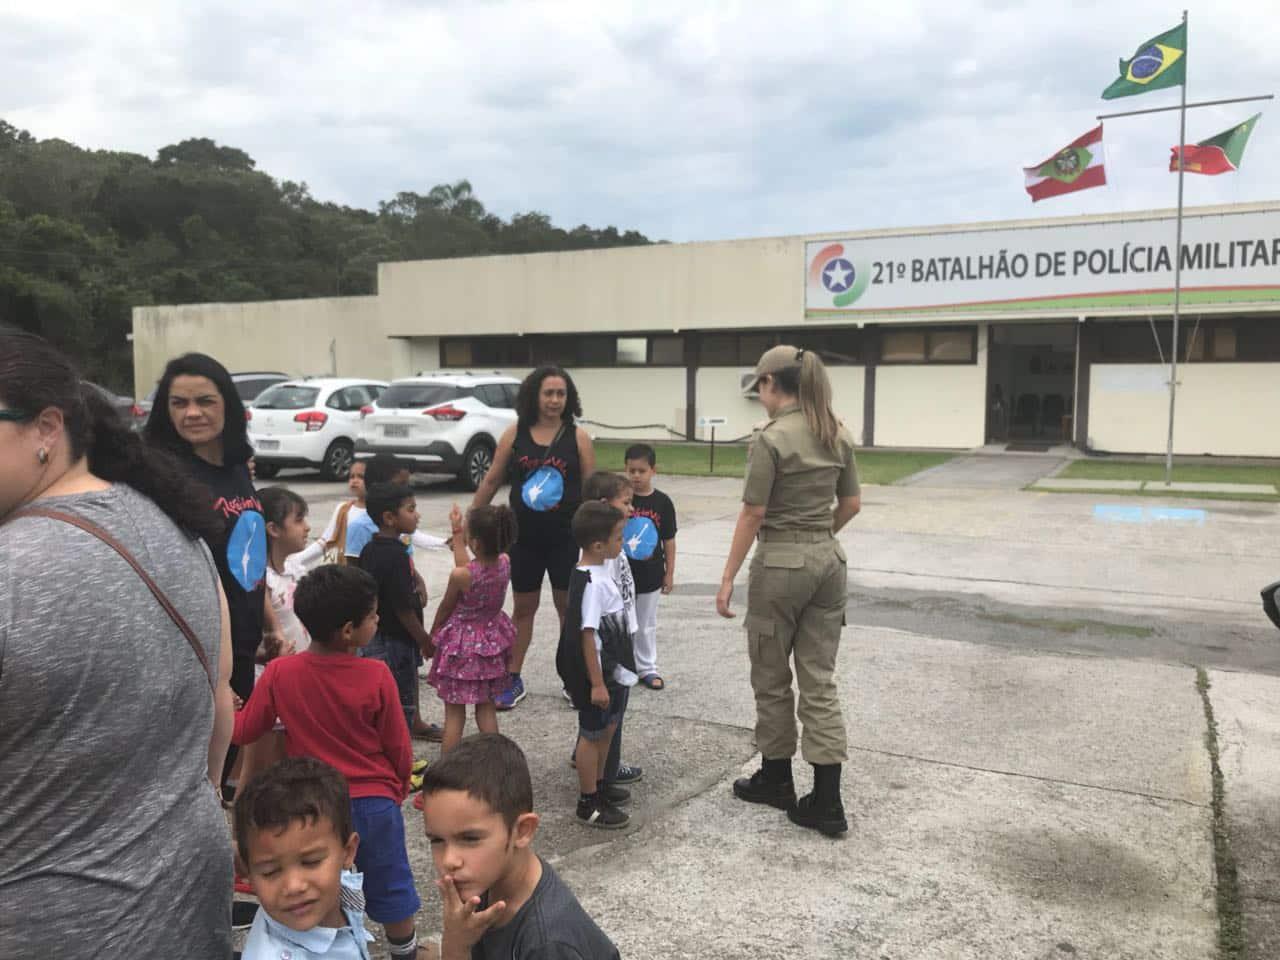 Crianças da Vila União participam de atividades recreativas no 21º BPM